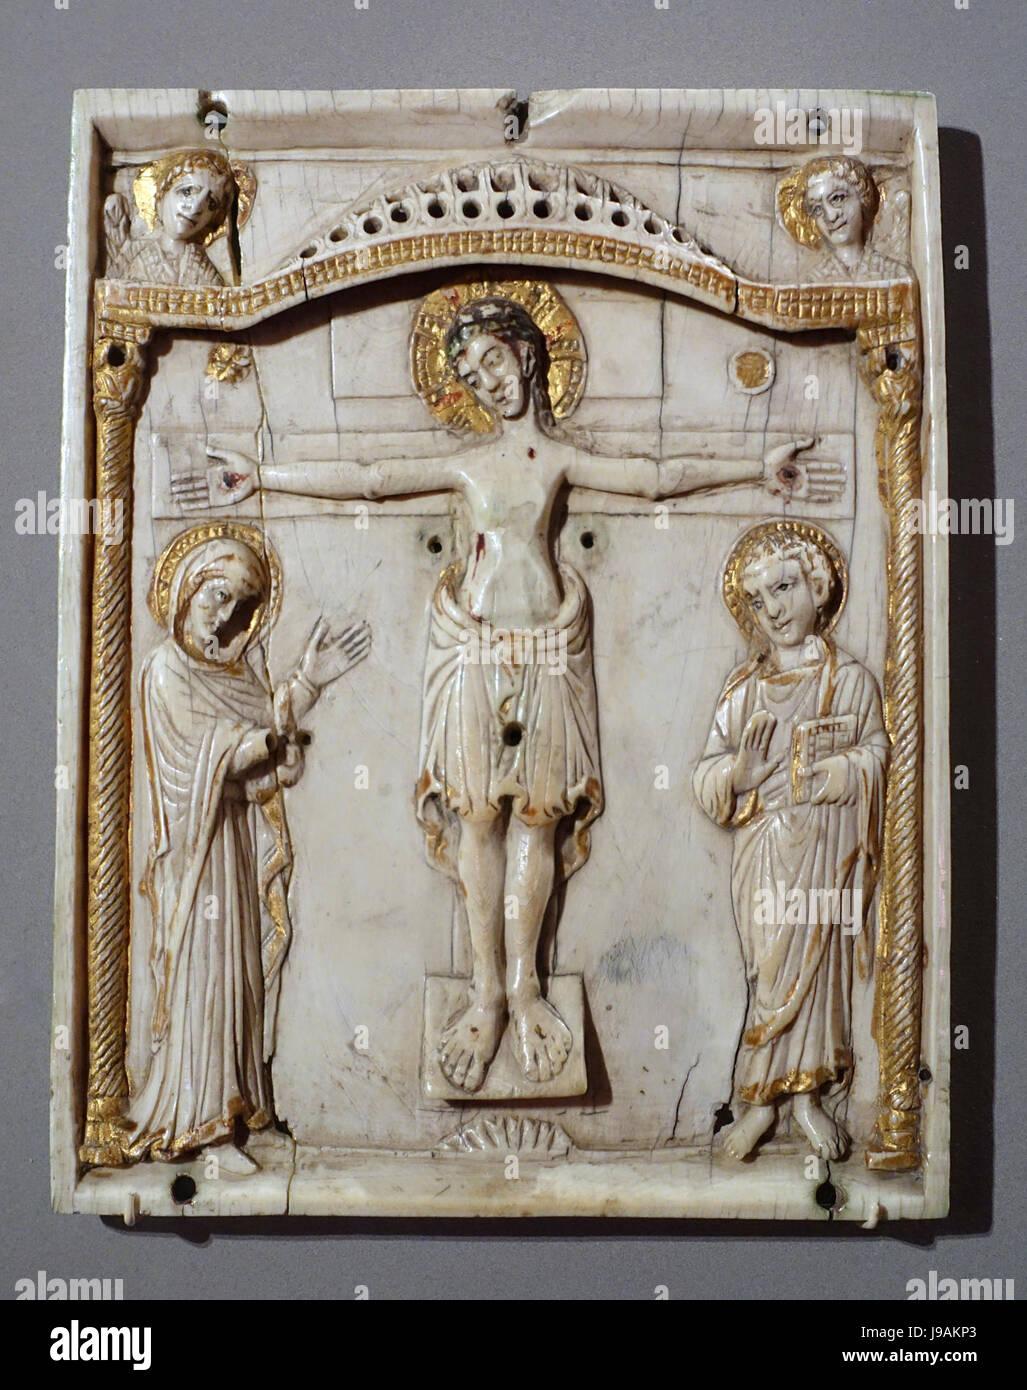 Soulagement avec la Crucifixion, l'Est de l'Empire romain, 10e siècle, de l'ivoire Musée Bode Photo Stock